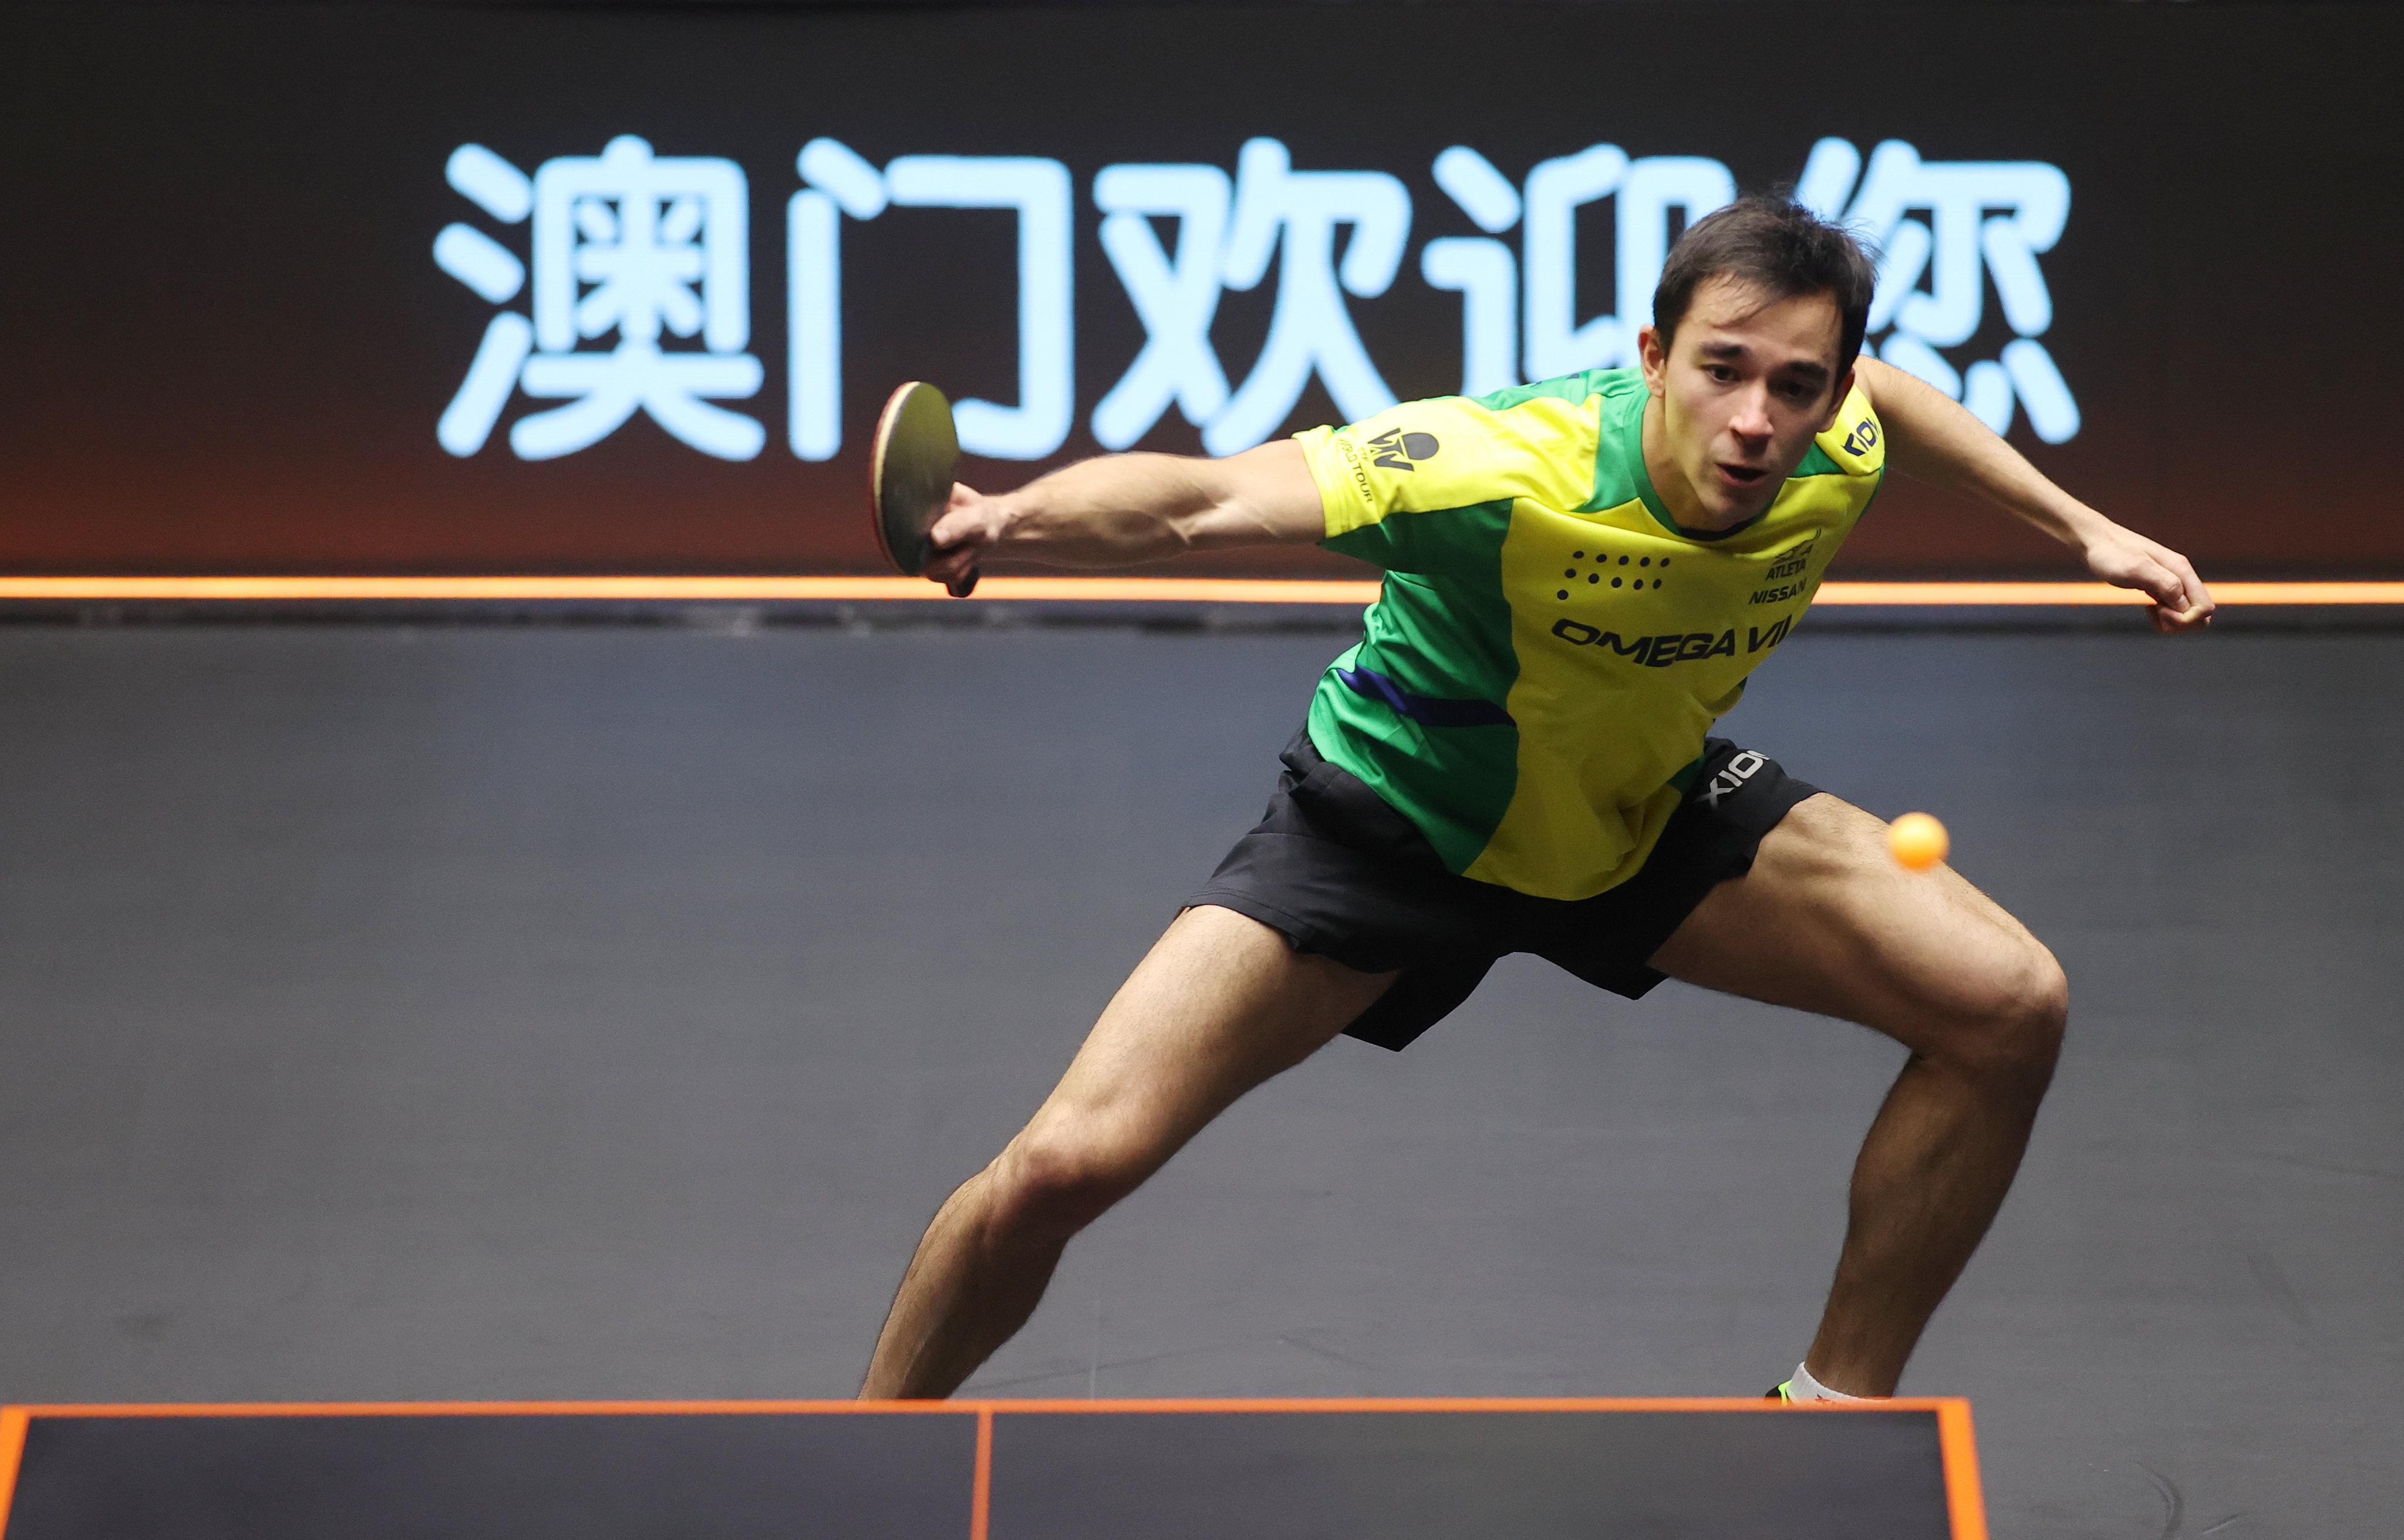 Hugo ocupa a sexta posição do ranking mundial (Crédito: Divulgação/ITTF)